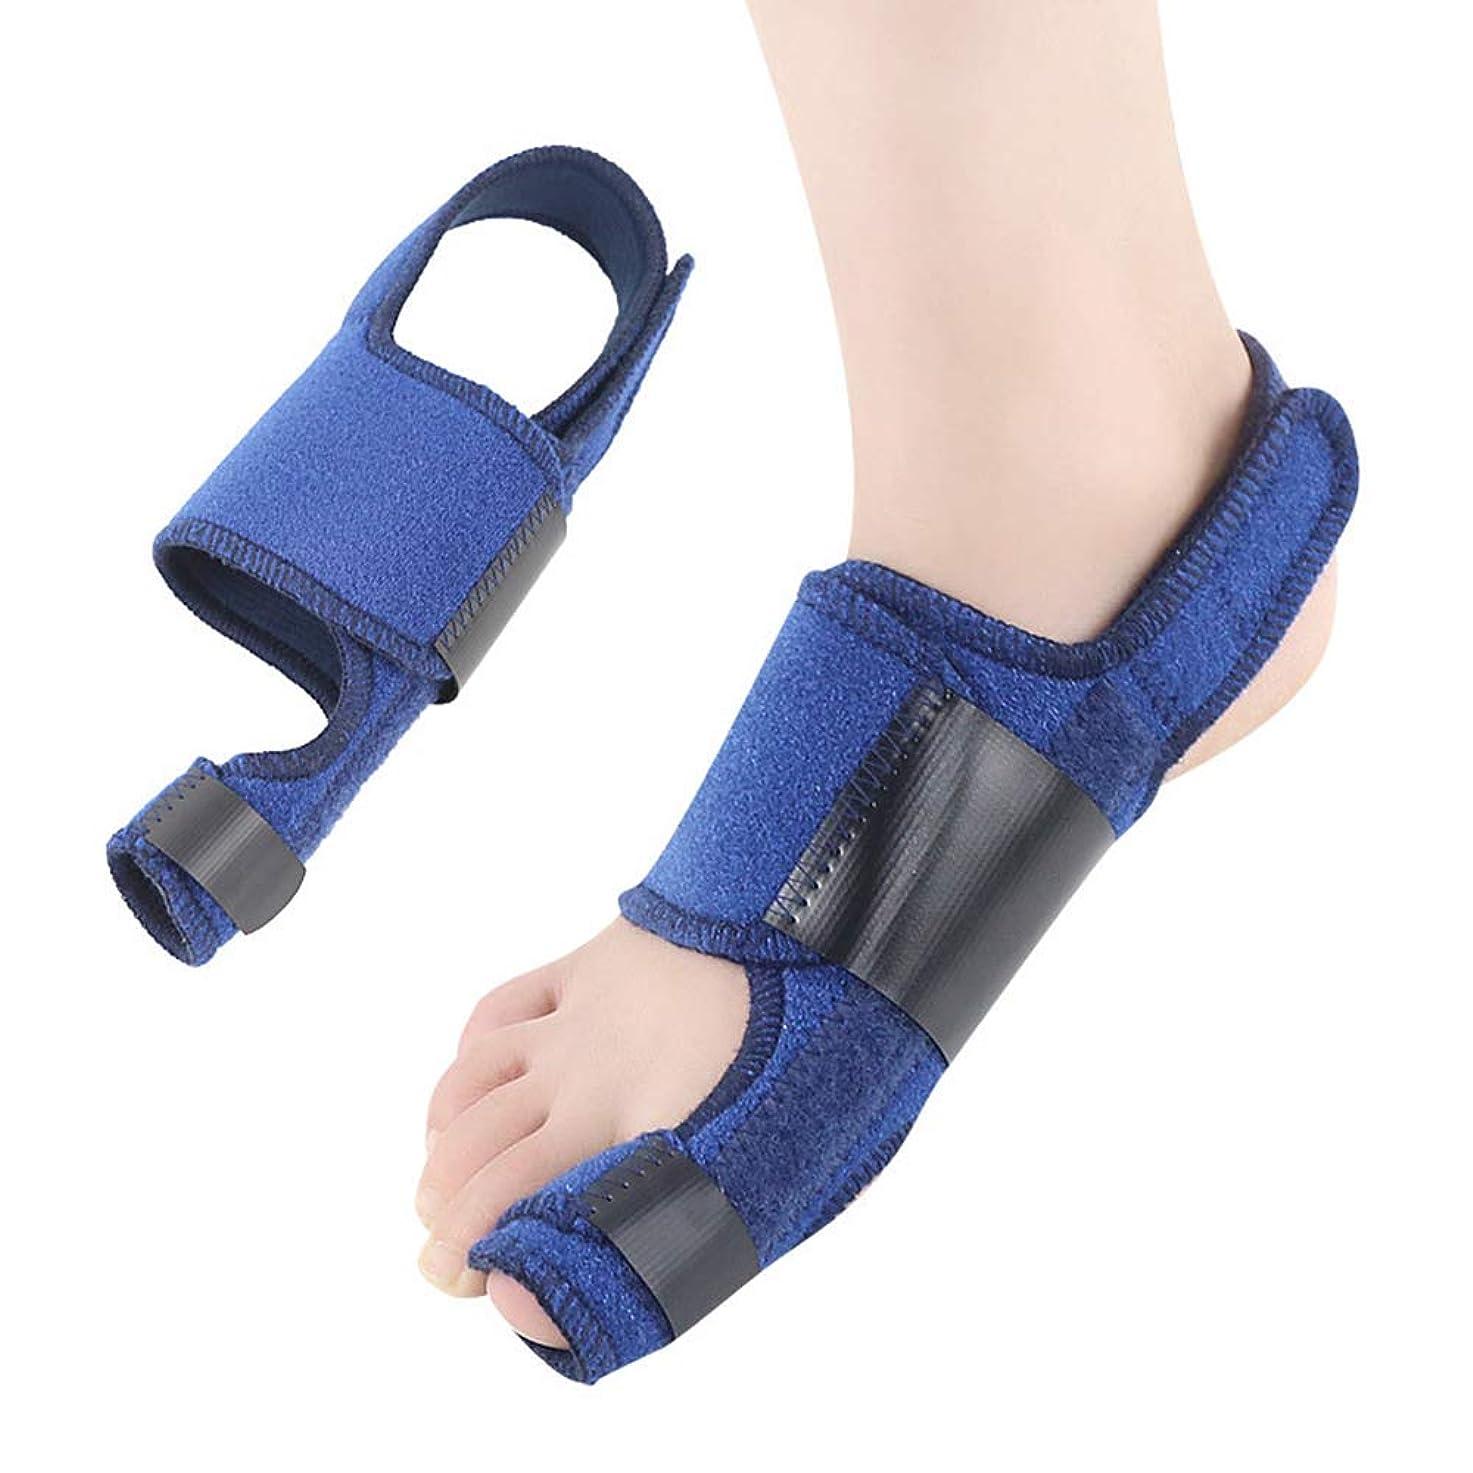 浜辺便利さバージン外反母趾足指セパレーターは足指重複嚢胞通気性吸収汗ワンサイズを防止し、ヨガ後の痛みと変形を軽減